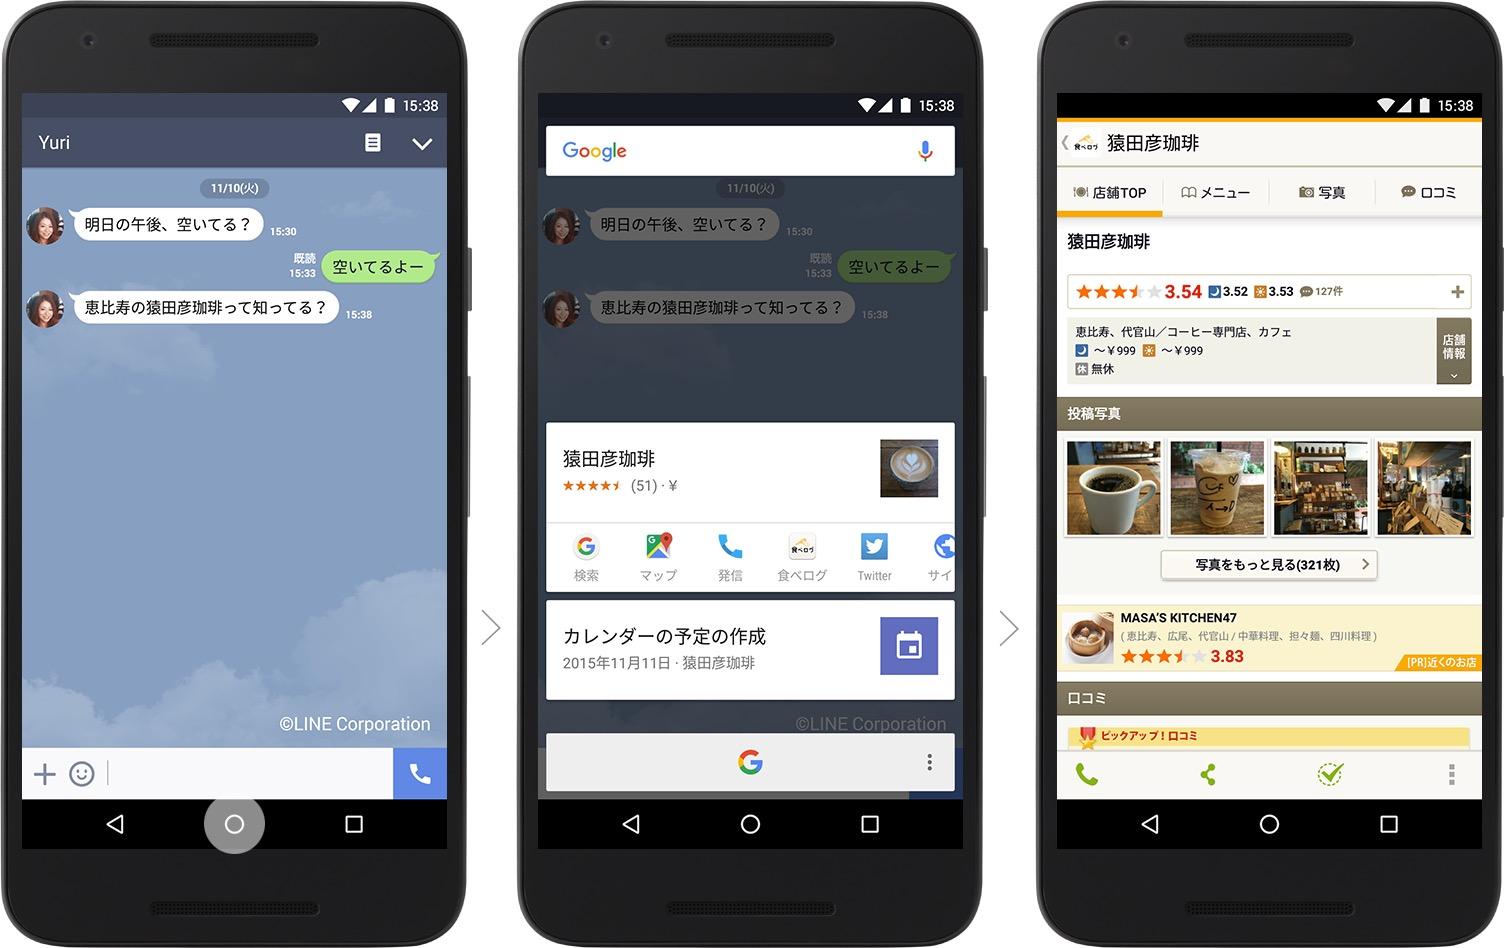 Android 6.0の新機能「Now on Tap」が日本語に対応――キーワード不要の検索機能